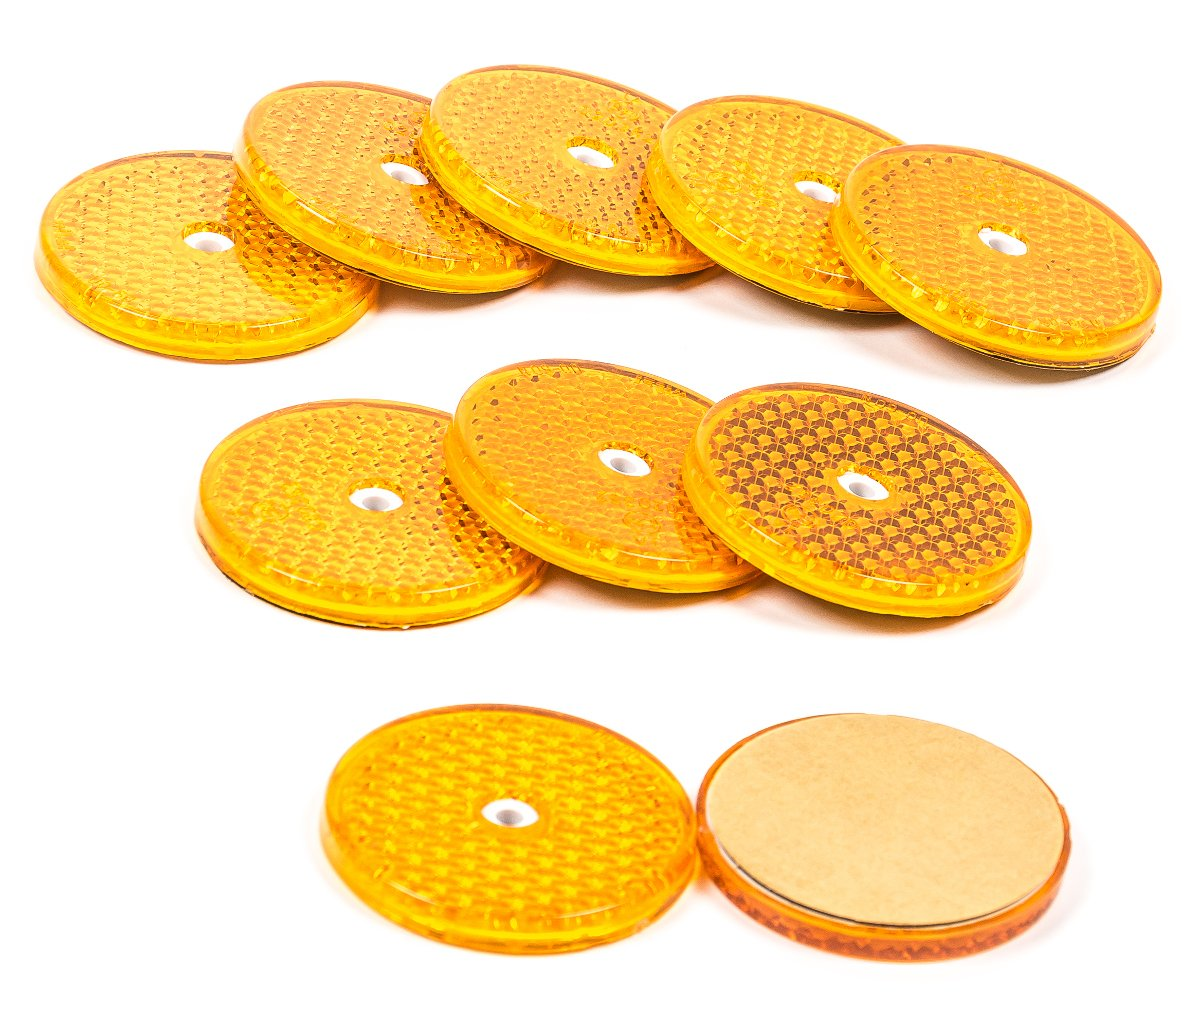 Reflektoren-Set 10 Stück sebstklebend geschraubt, rund, 6,2 cm, lieferbar in den Farben Gelb, Rot oder Weiß (Weiß) ALL Ride